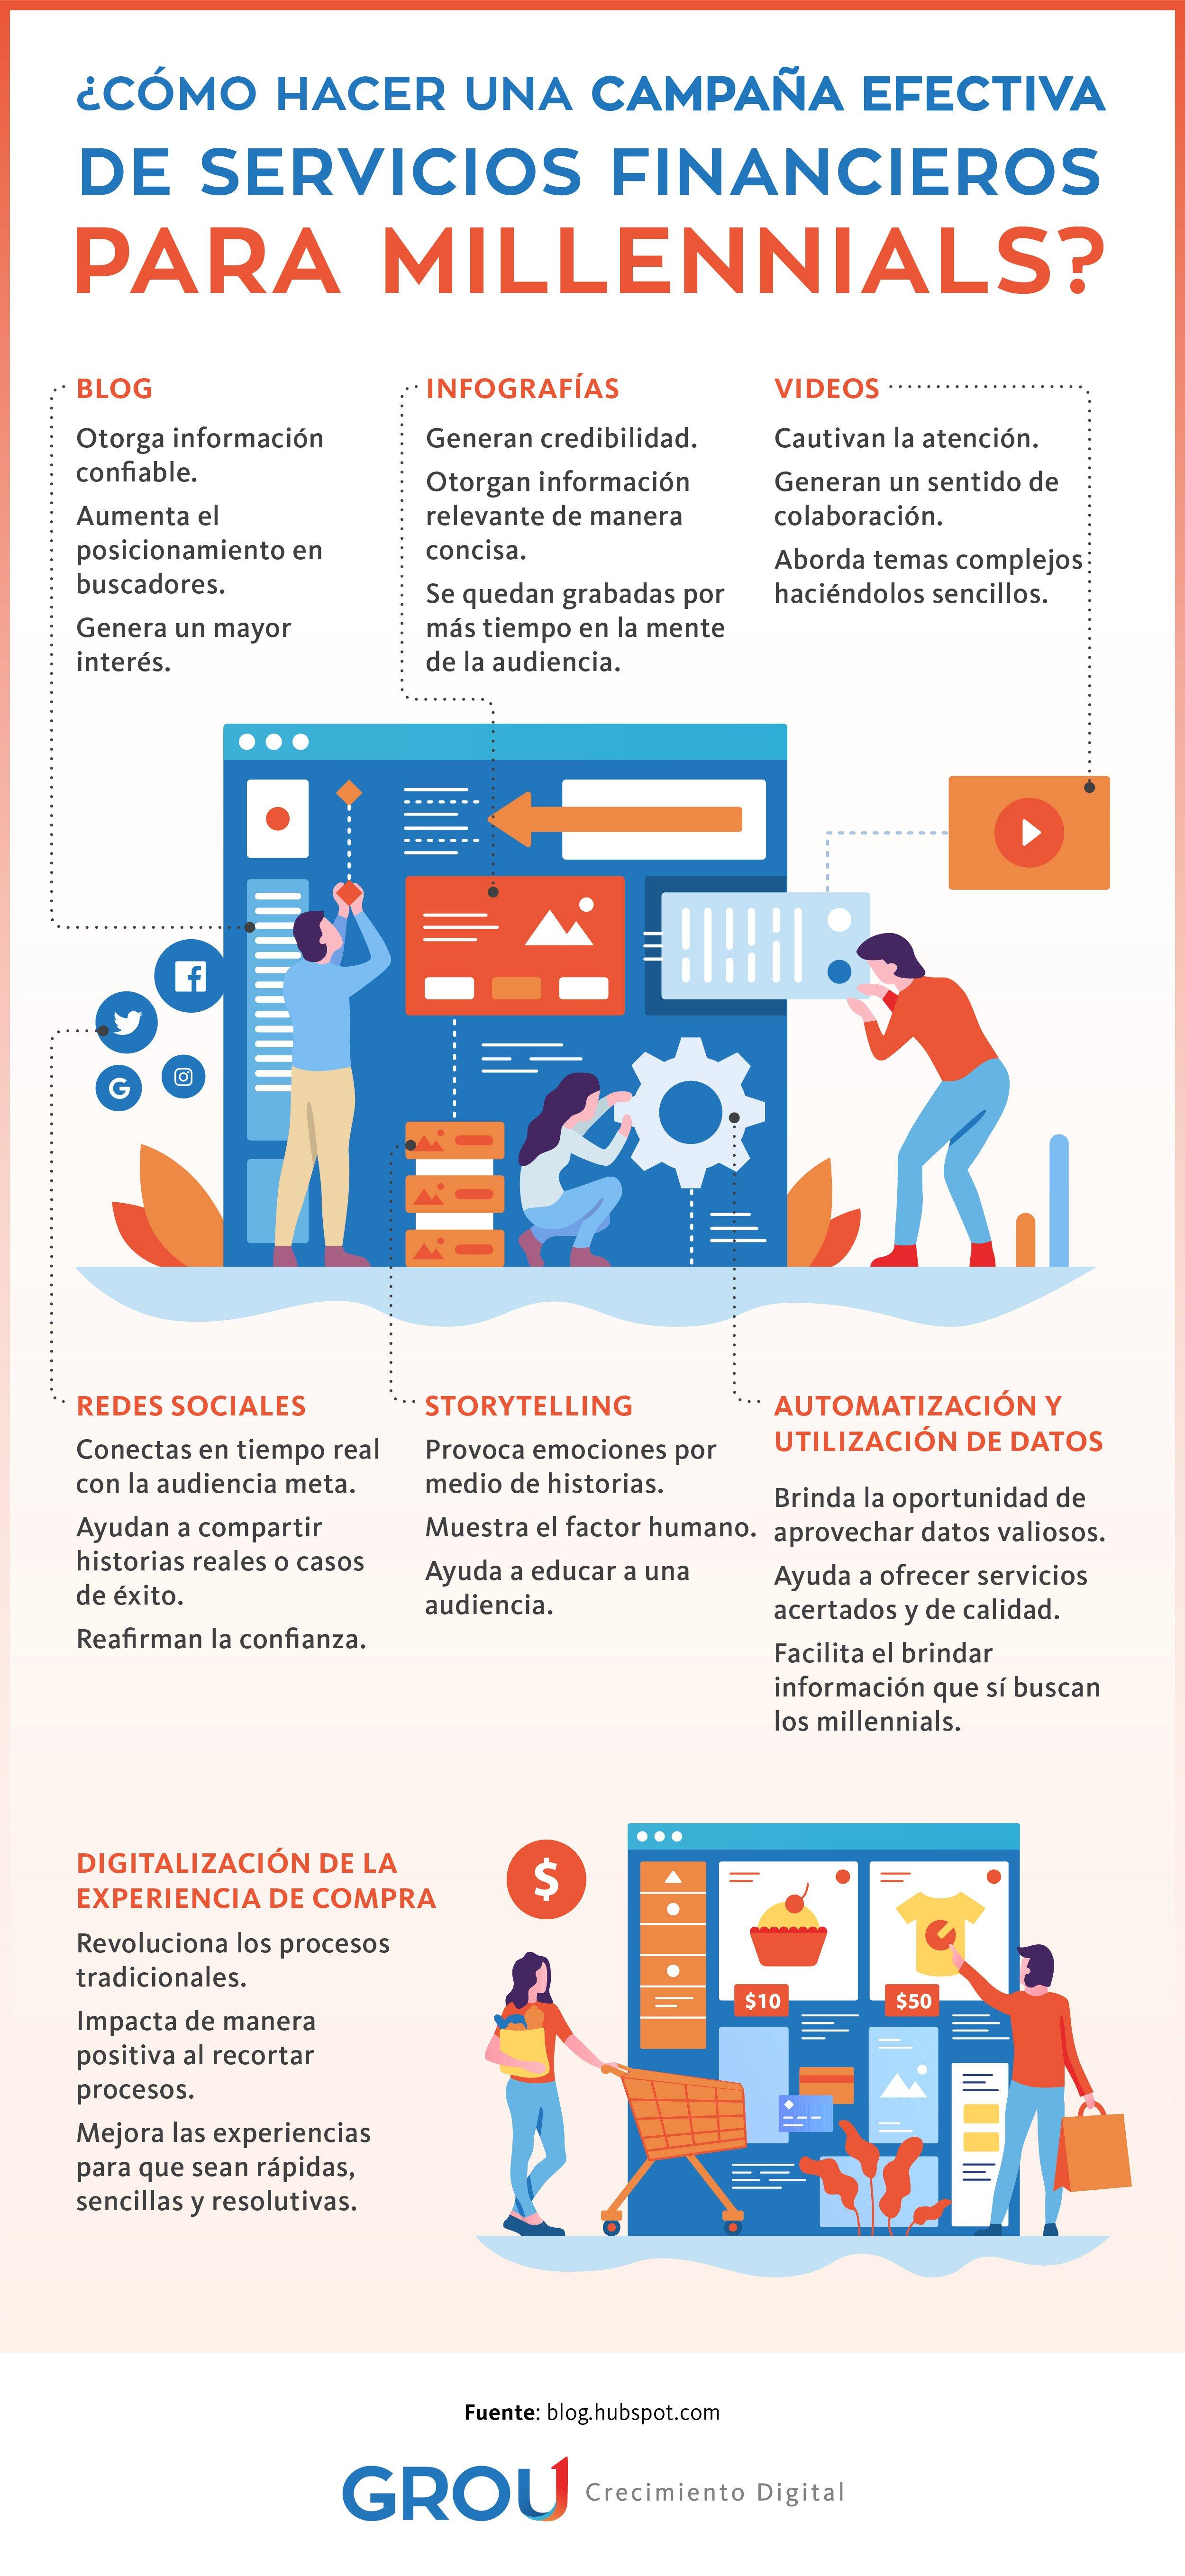 GROU-Infografia-Blog-no-7-MARZO